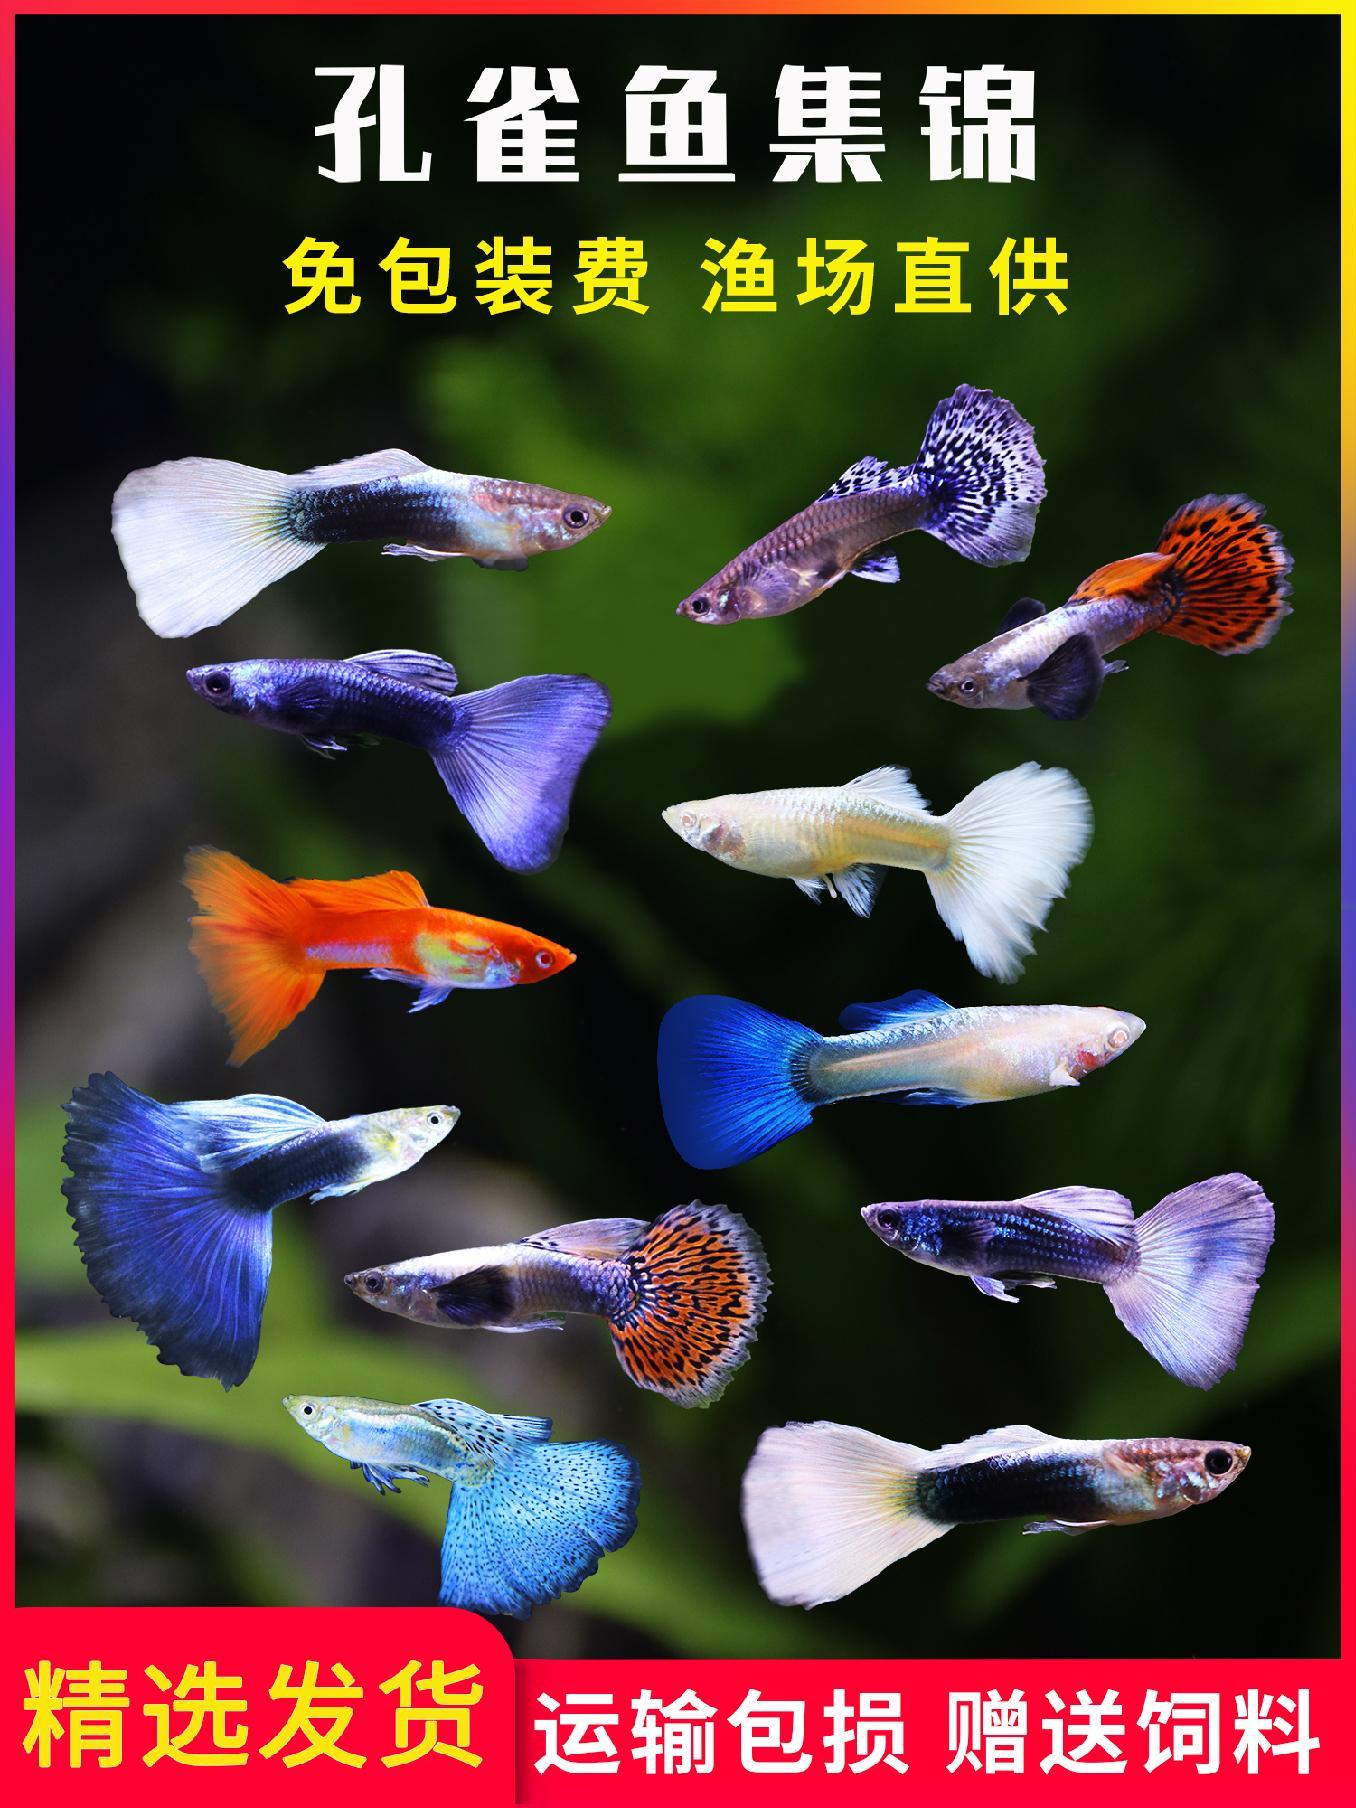 孔雀鱼活体热带鱼纯种观赏鱼莫斯科天空蓝大耳孔雀宠物黄白金礼服